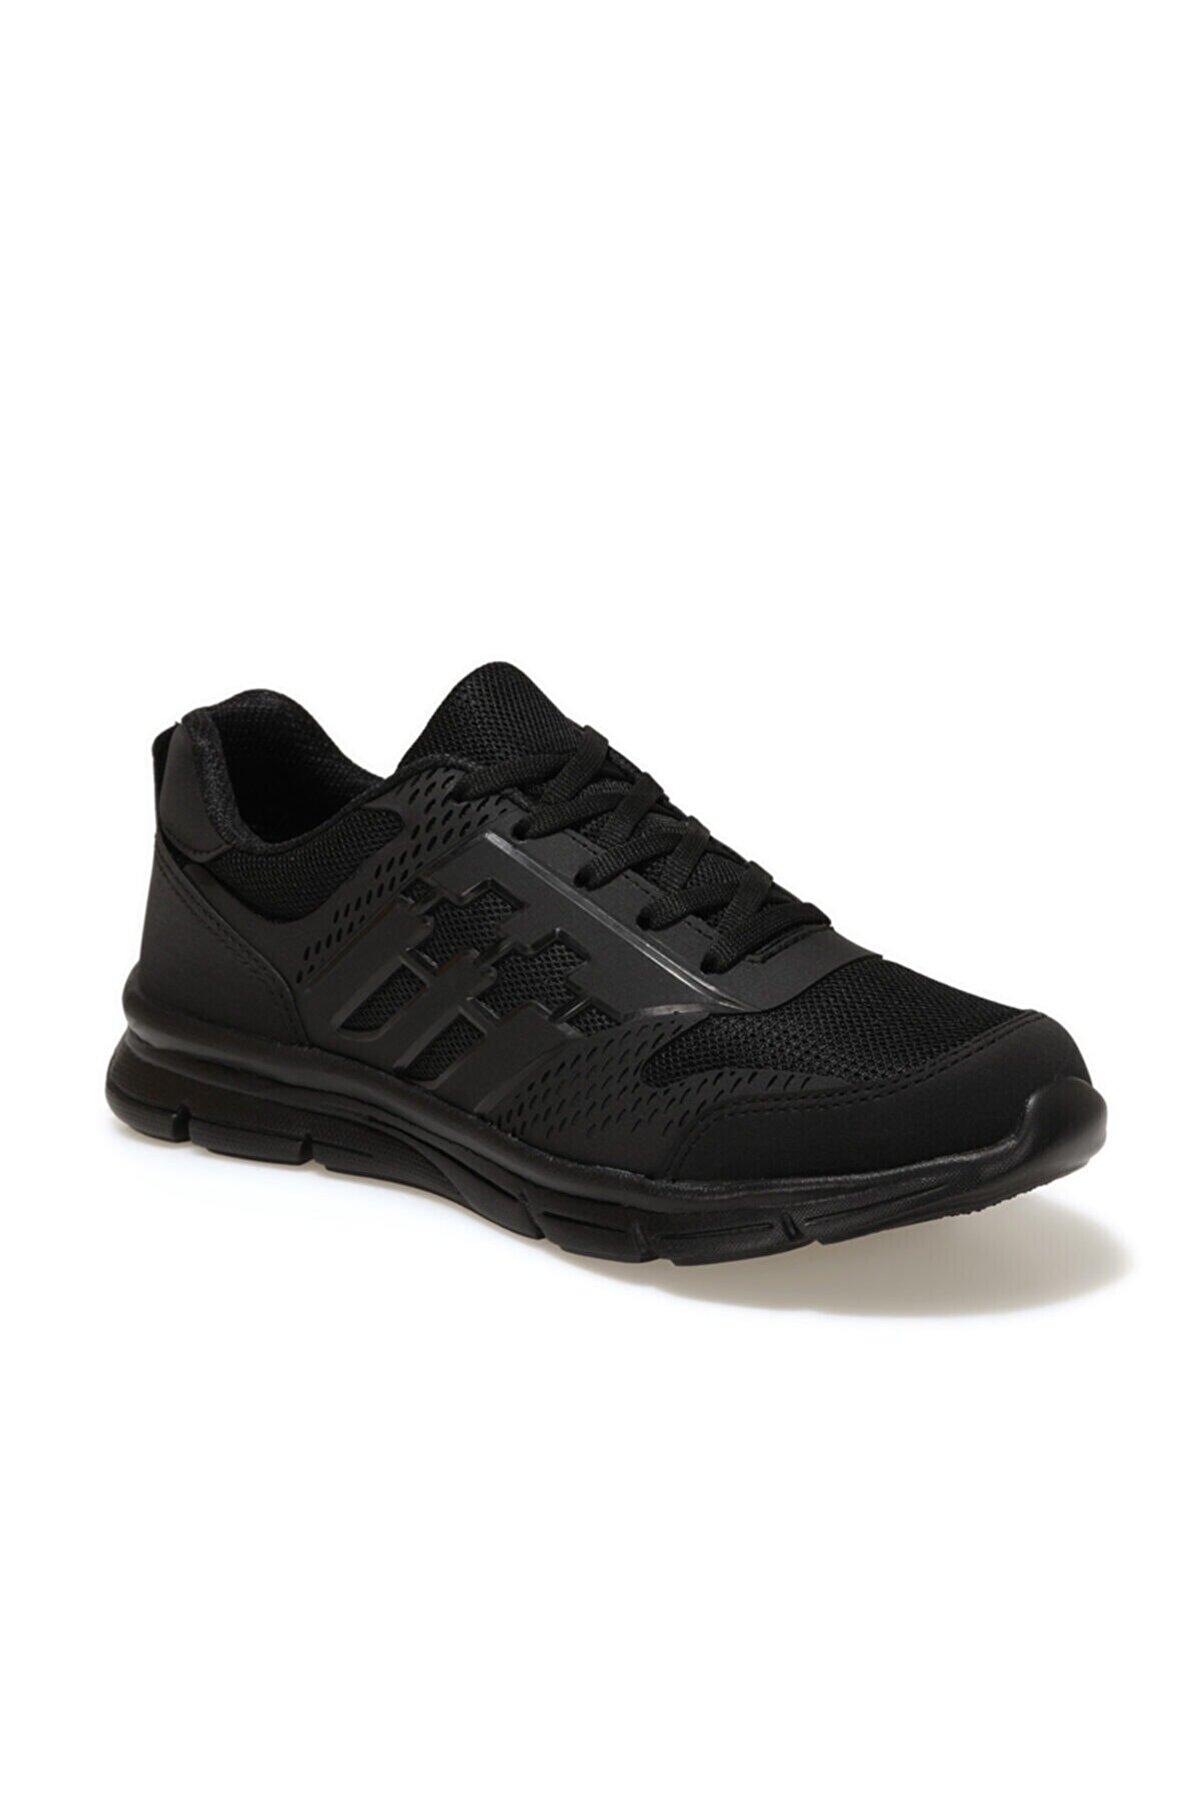 Polaris 356071.m1fx Siyah Erkek Casual Ayakkabı